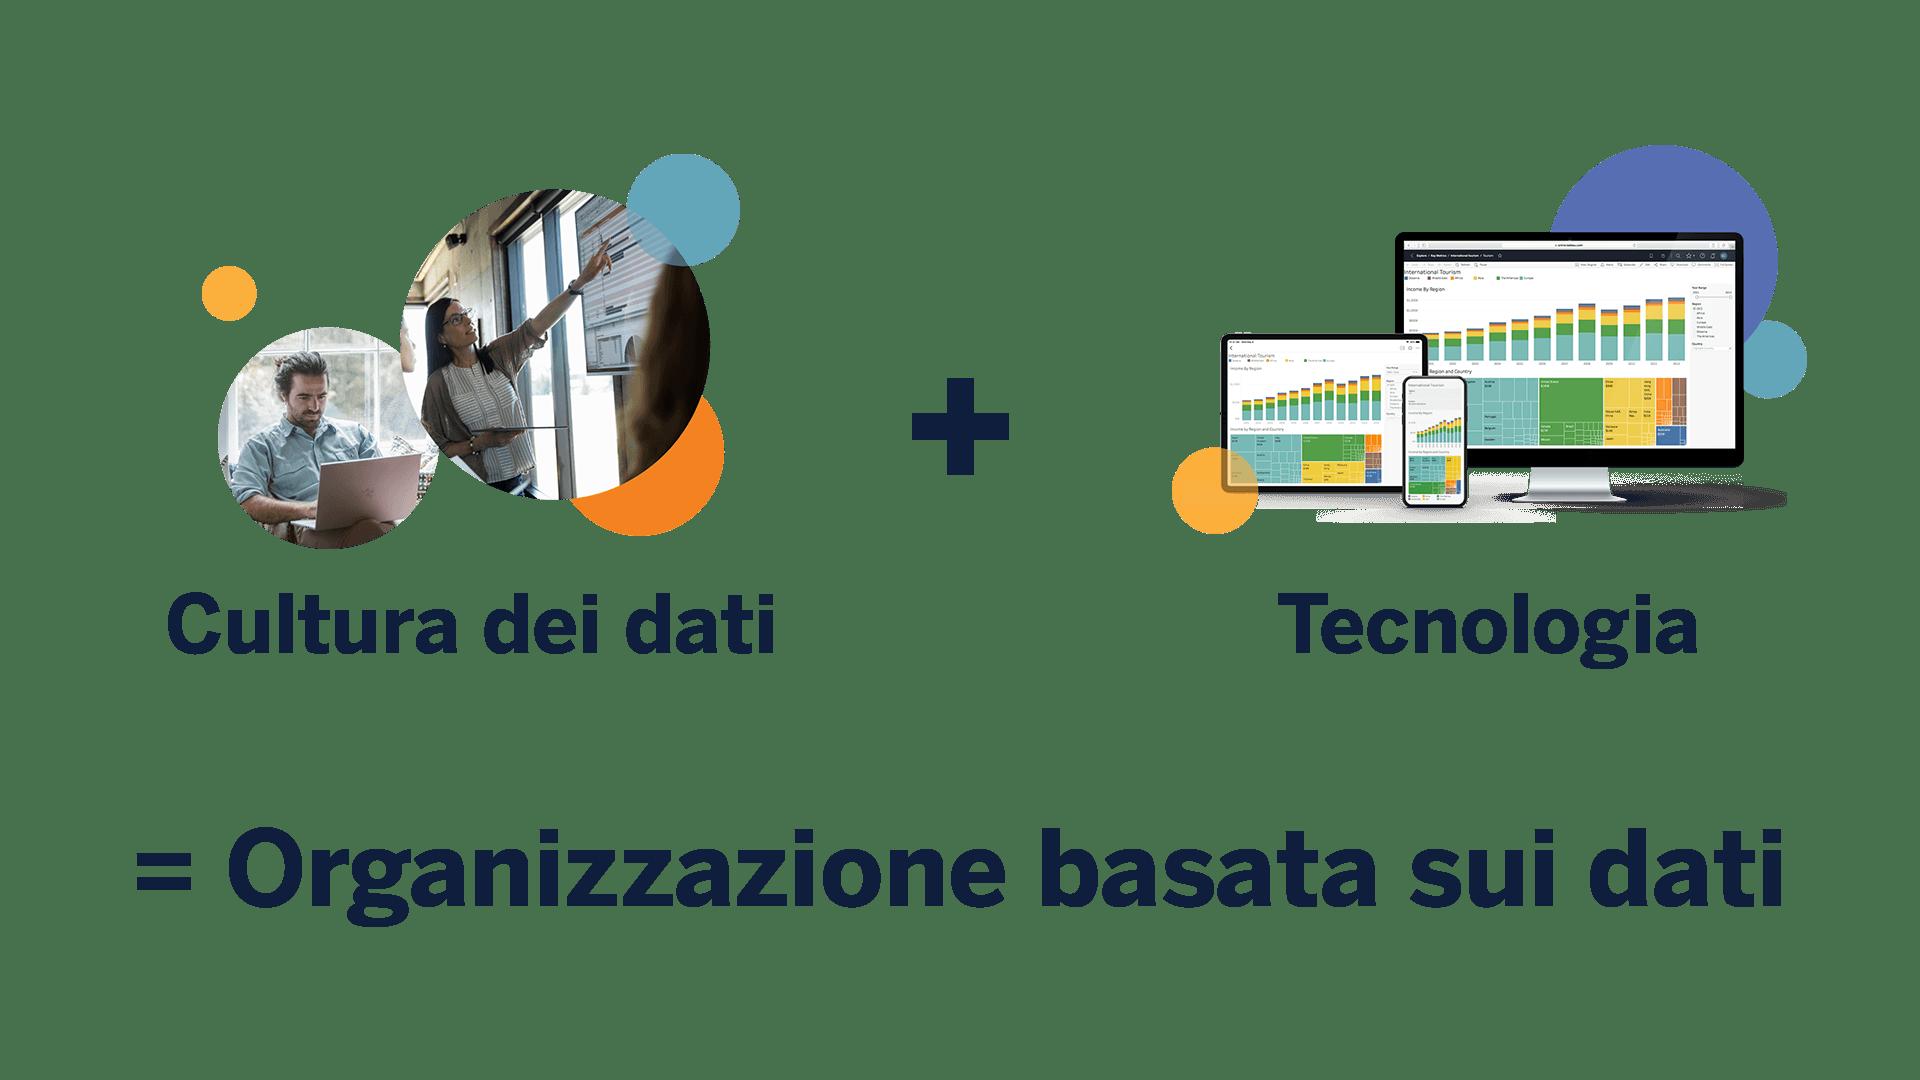 La cultura dei dati combinata con la tecnologia crea un'organizzazione basata sui dati